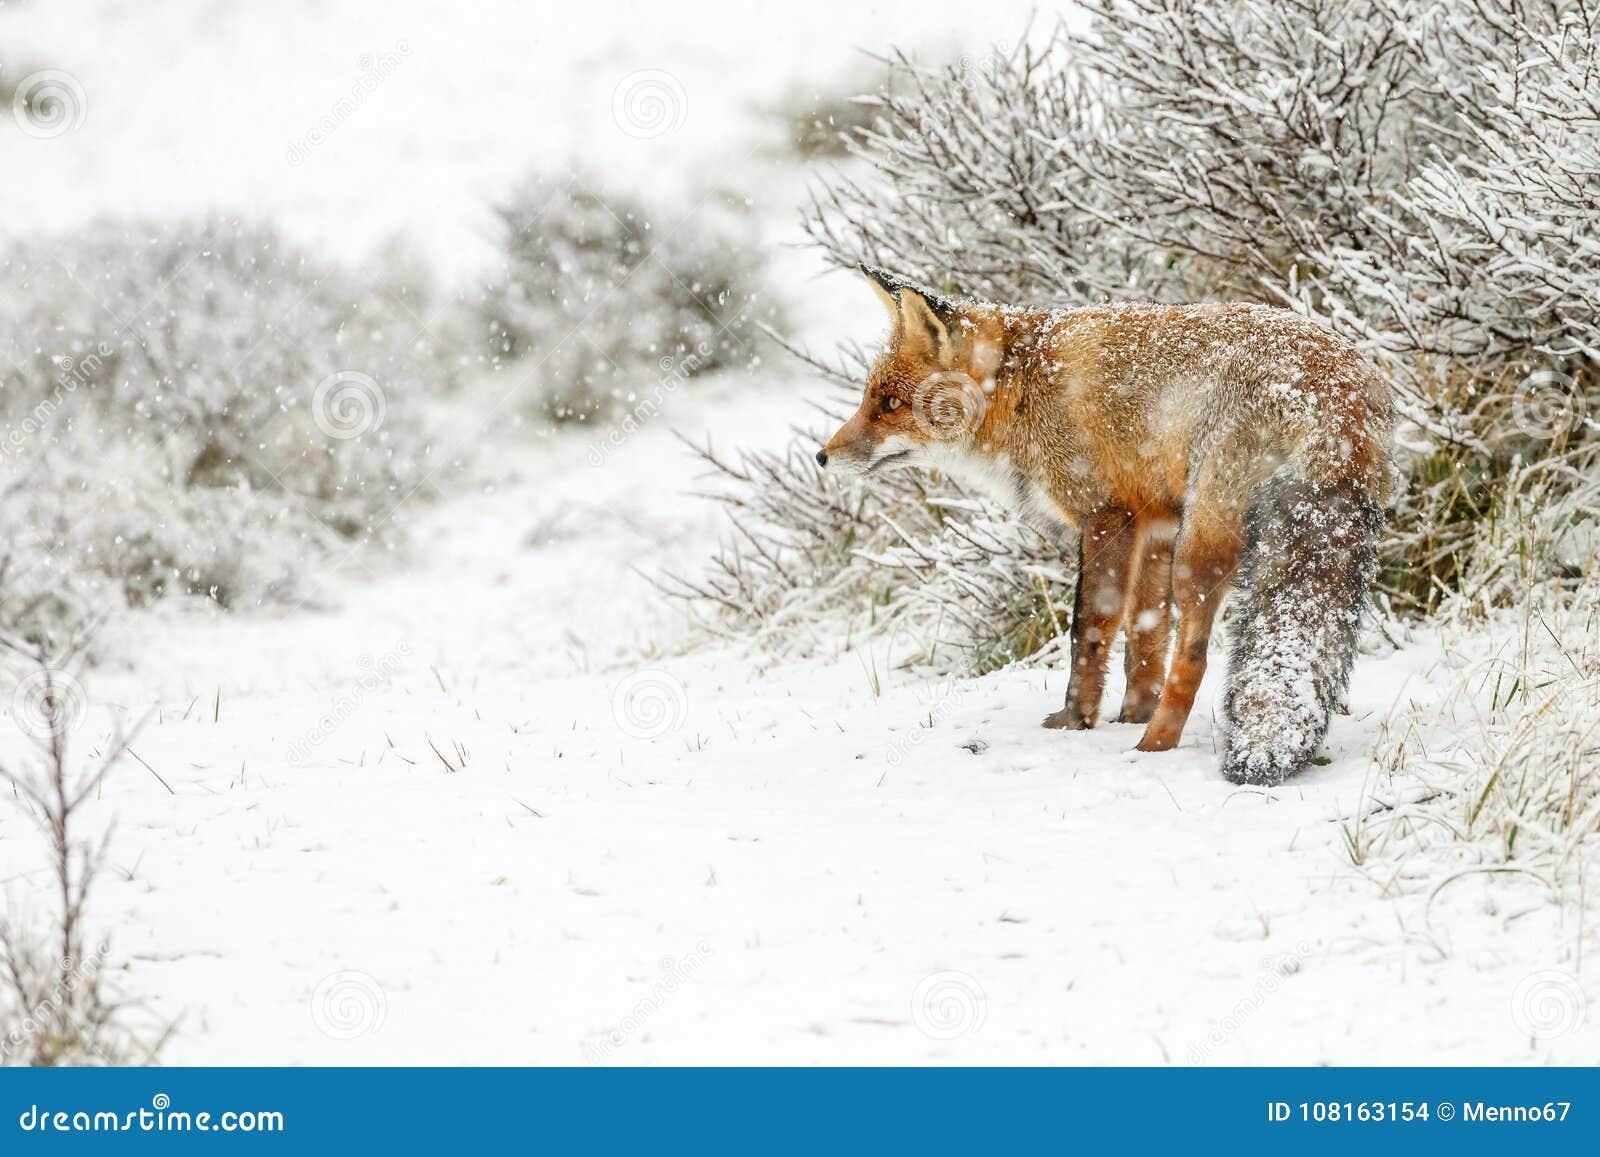 Roter Fuchs In Einem Winter Landschap Stockfoto Bild Von Fall